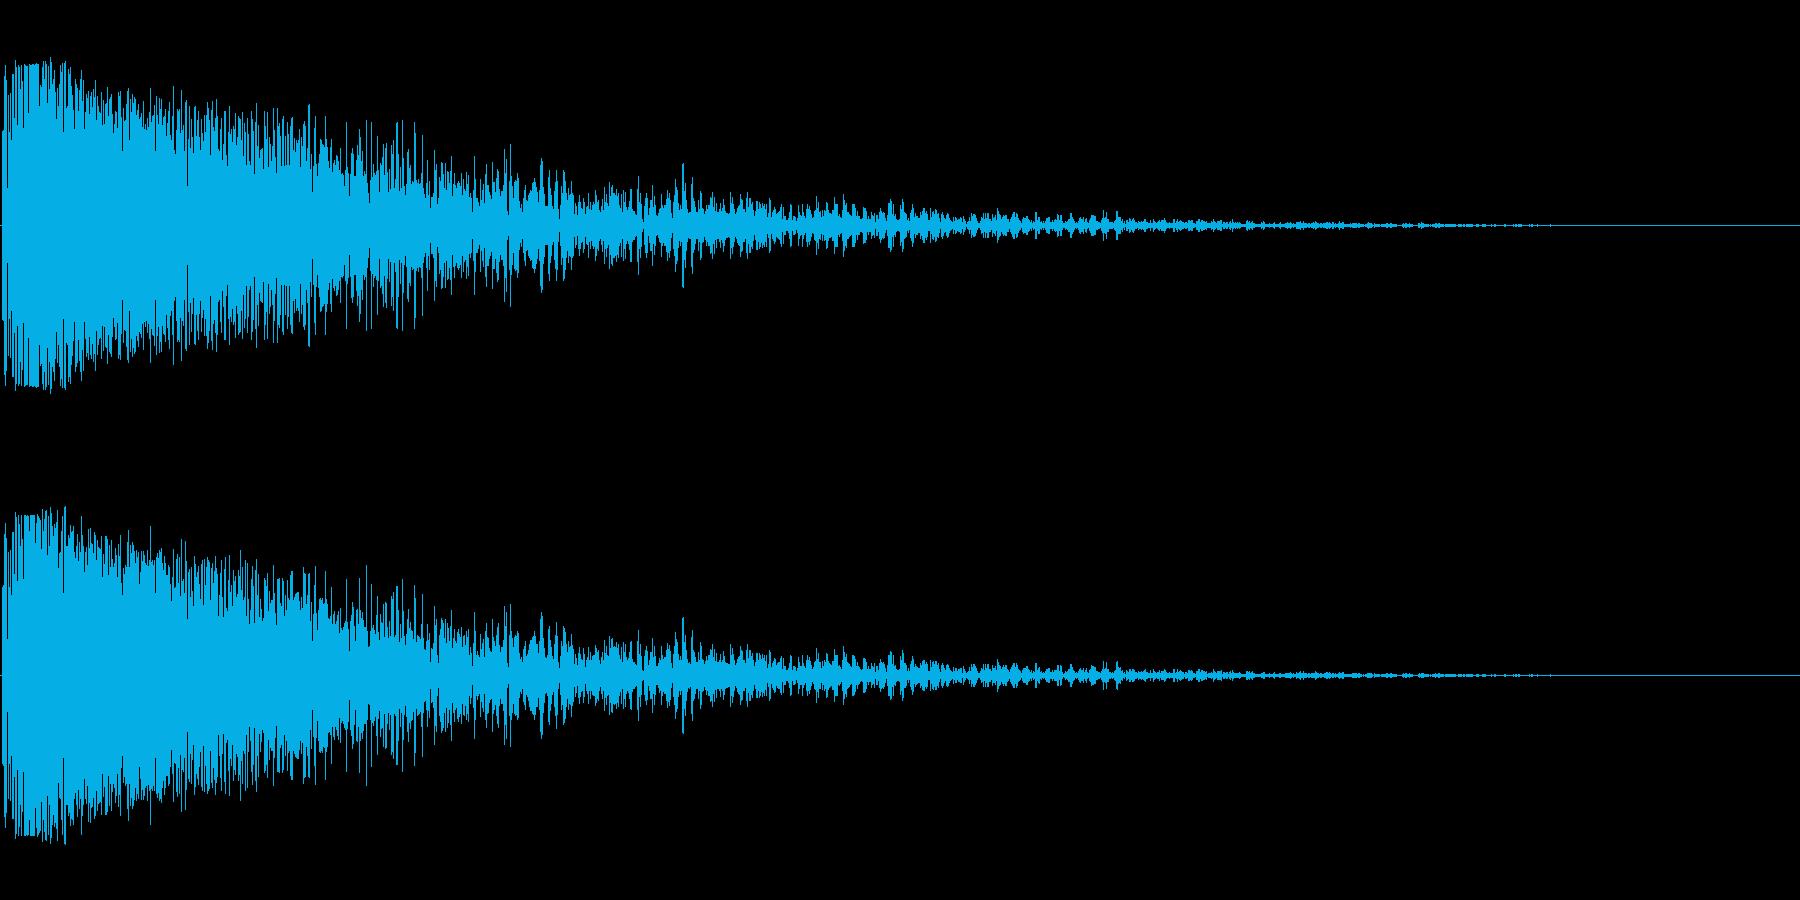 レーザービーム発射(強力なビーム)の再生済みの波形